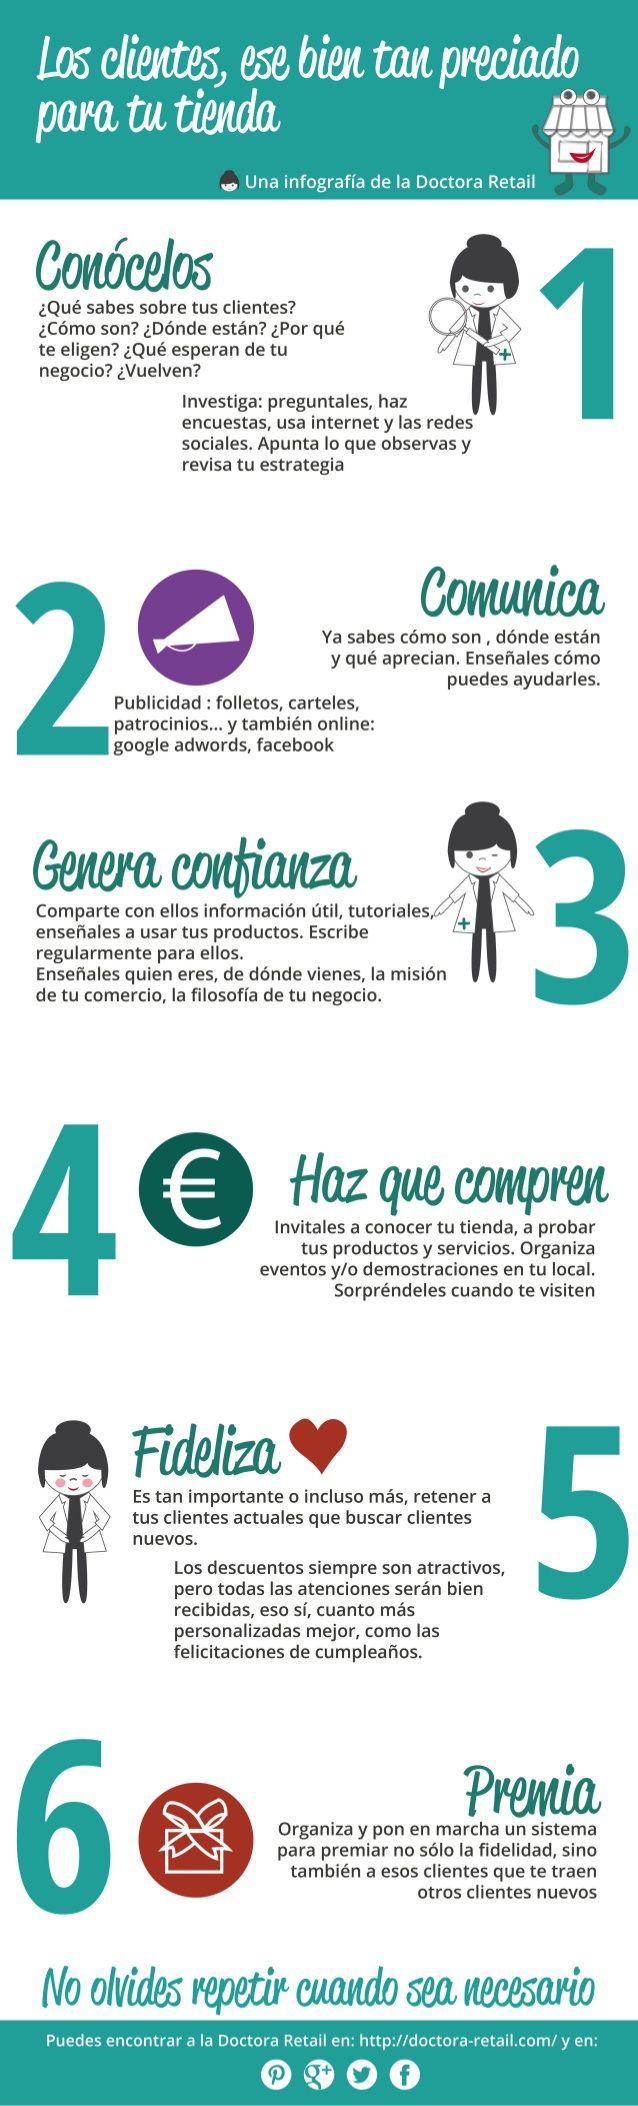 La importación del cliente en tu comercio #infografia #infographic #marketing